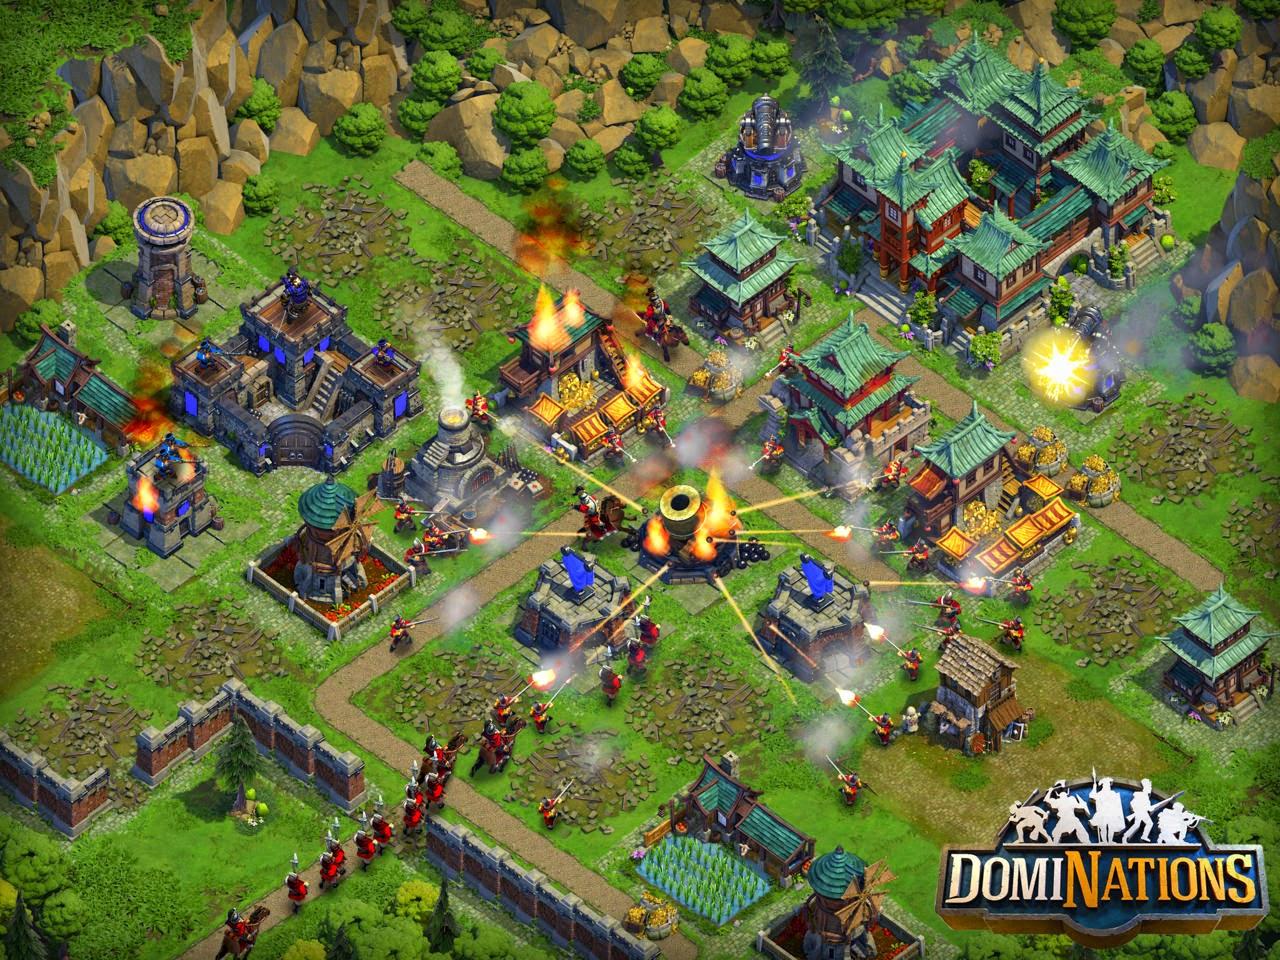 تحميل لعبة Dominations للأندرويد